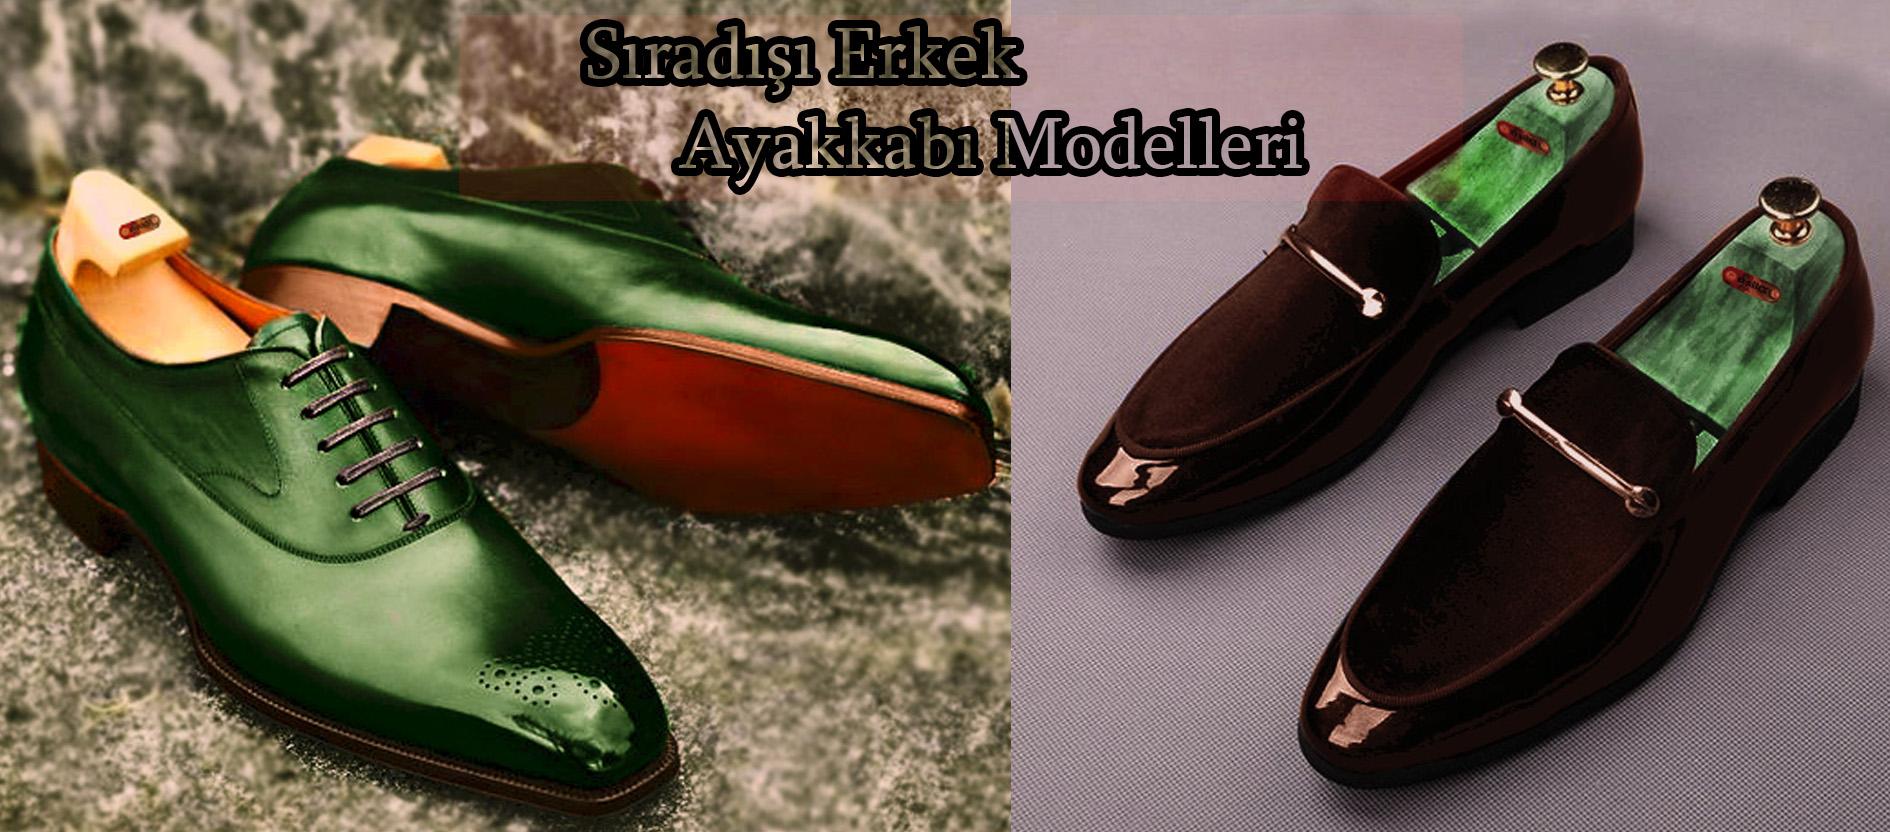 Sıradışı Erkek Ayakkabı Modelleri